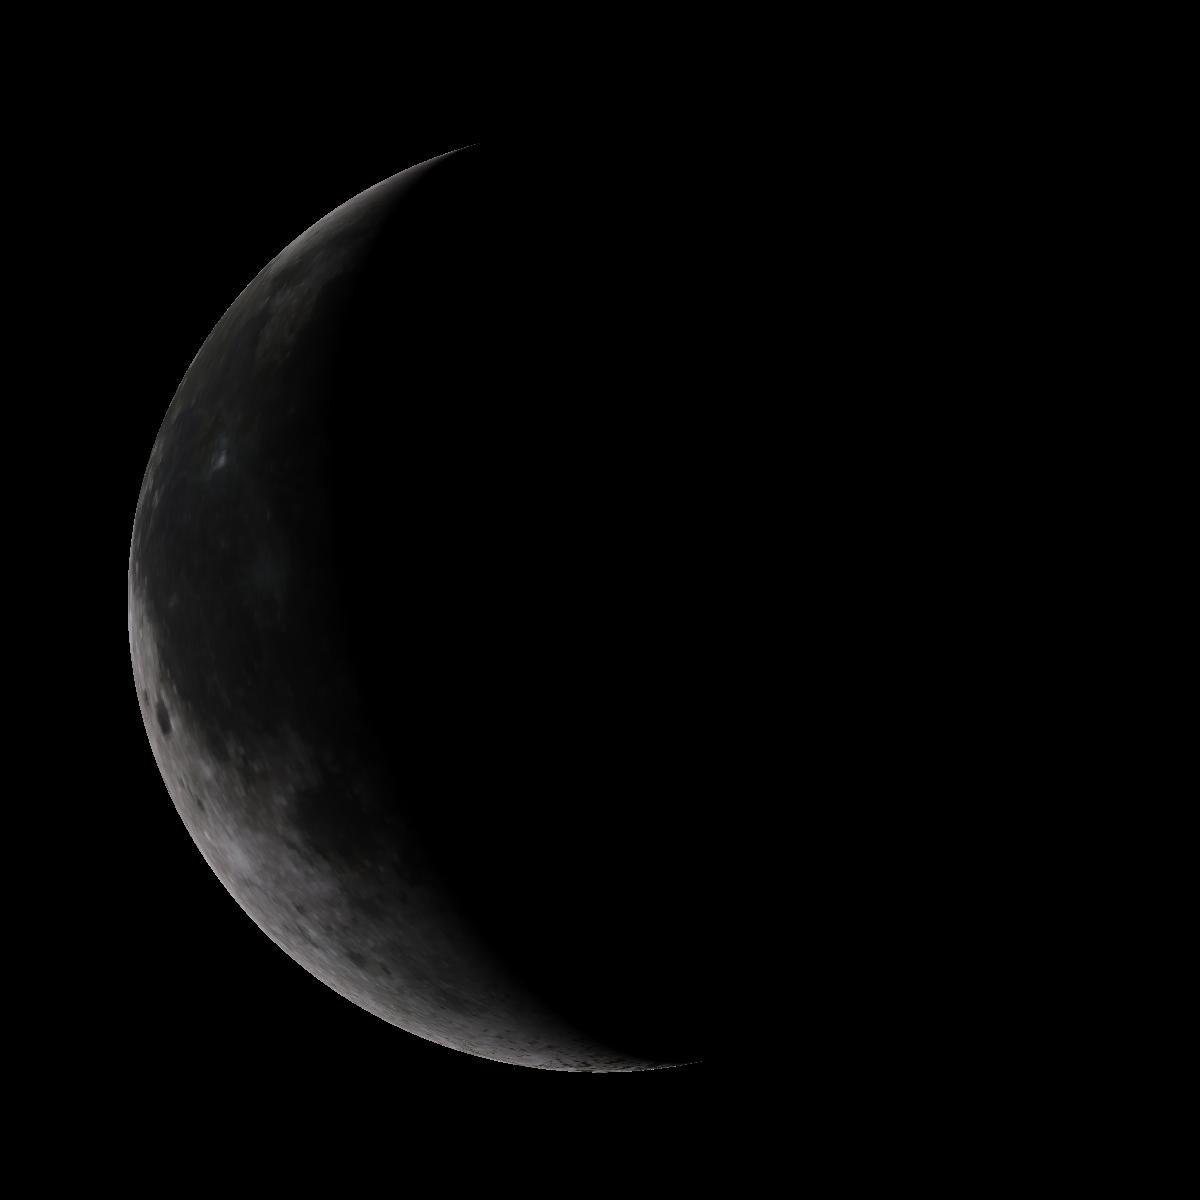 Lune du 20 janvier 2020